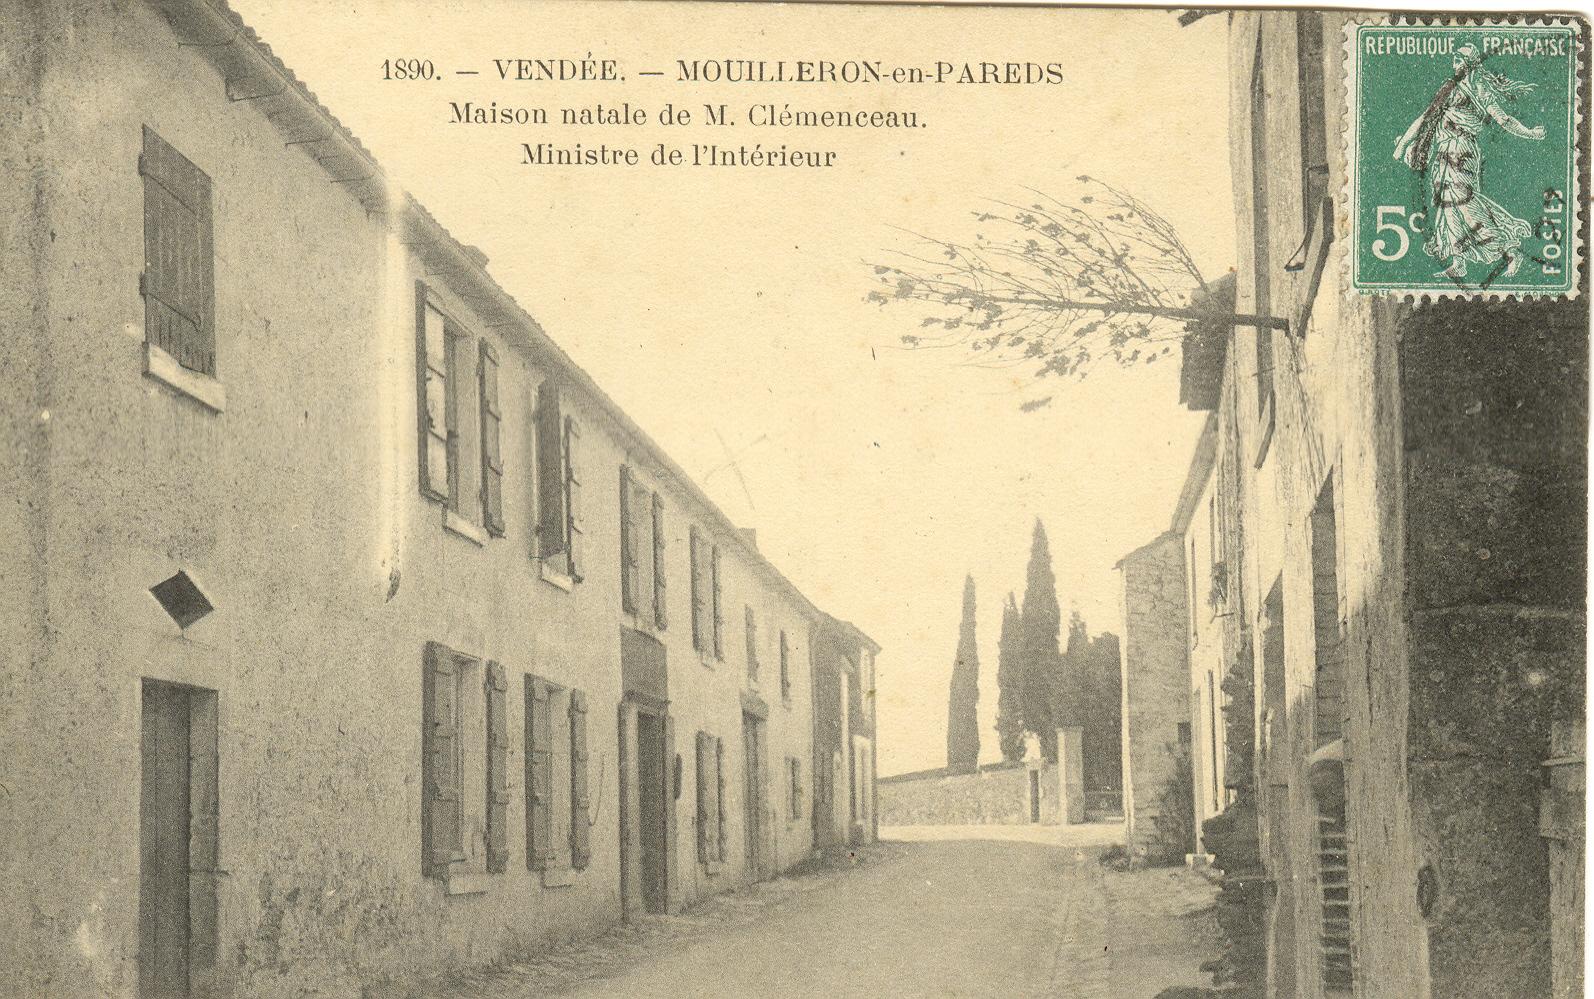 La maison natale de Georges Clemenceau en 1906